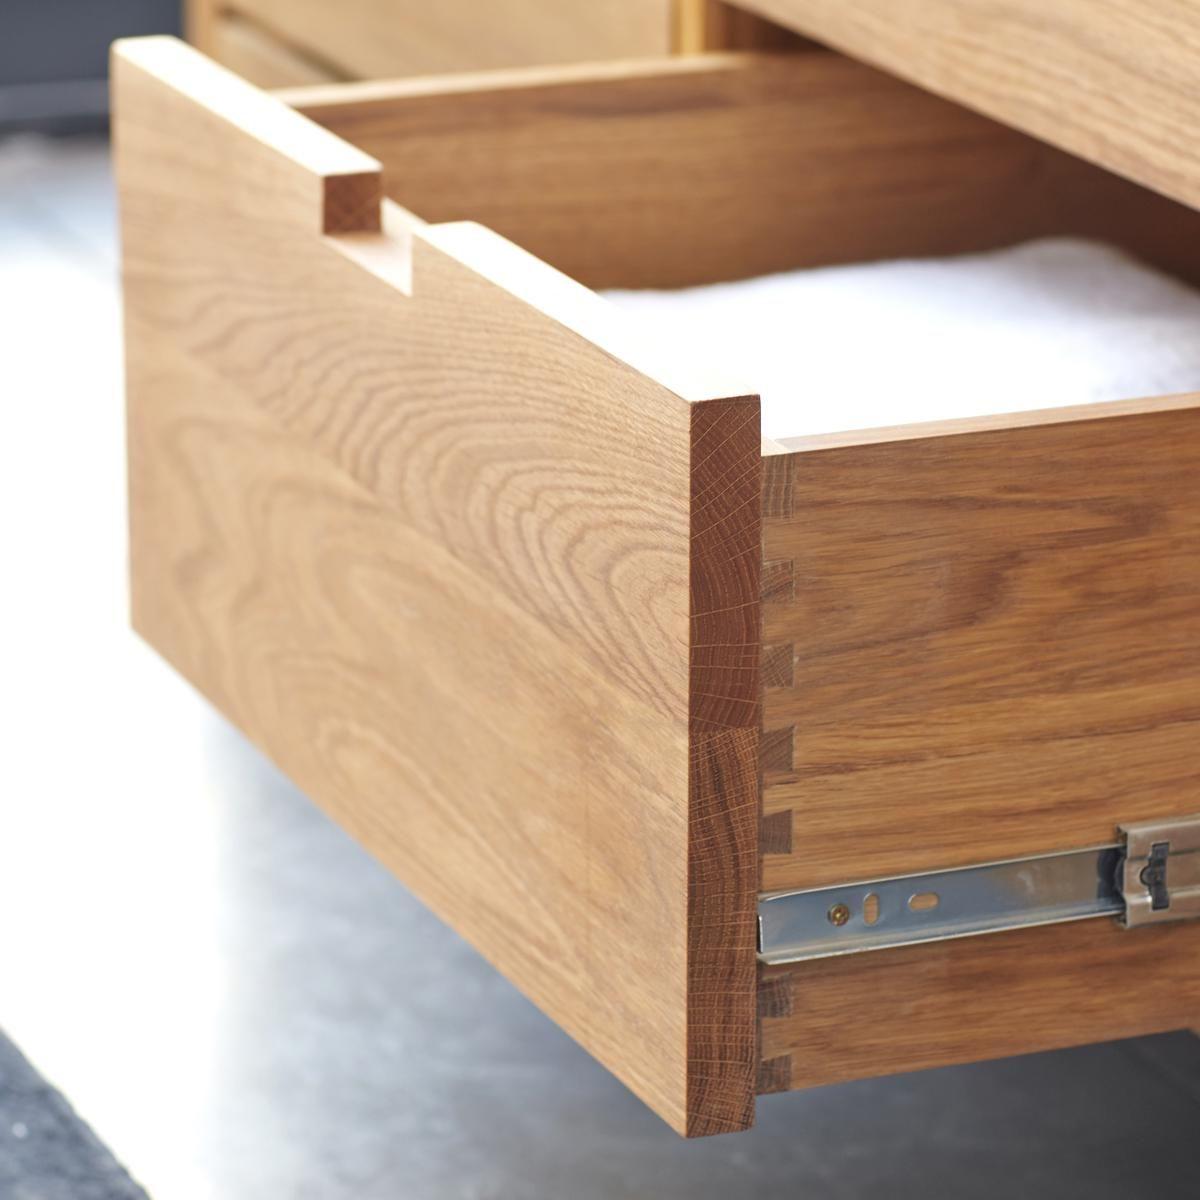 Bad Waschtisch Unterschrank Holz Bvrao Com Bad Unterschrank Holz Waschtisch Holz Unterschrank Waschtisch